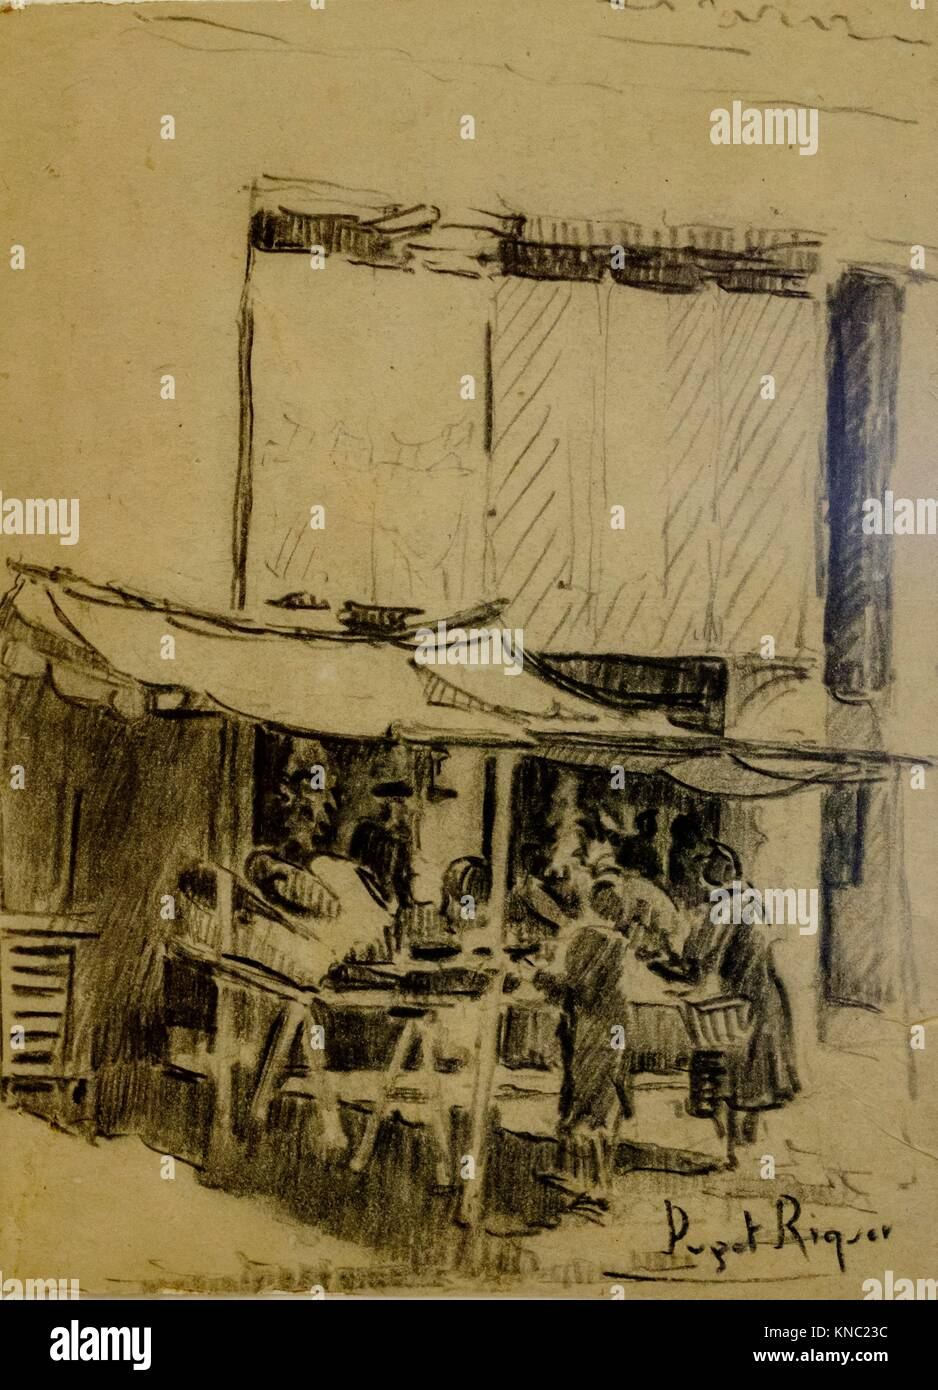 la plaza, Narcís Puget Riquer, Charcoal drawing, Puget Museum, casa noble de Can LLaudis , Dalt Vila, Ibiza, - Stock Image